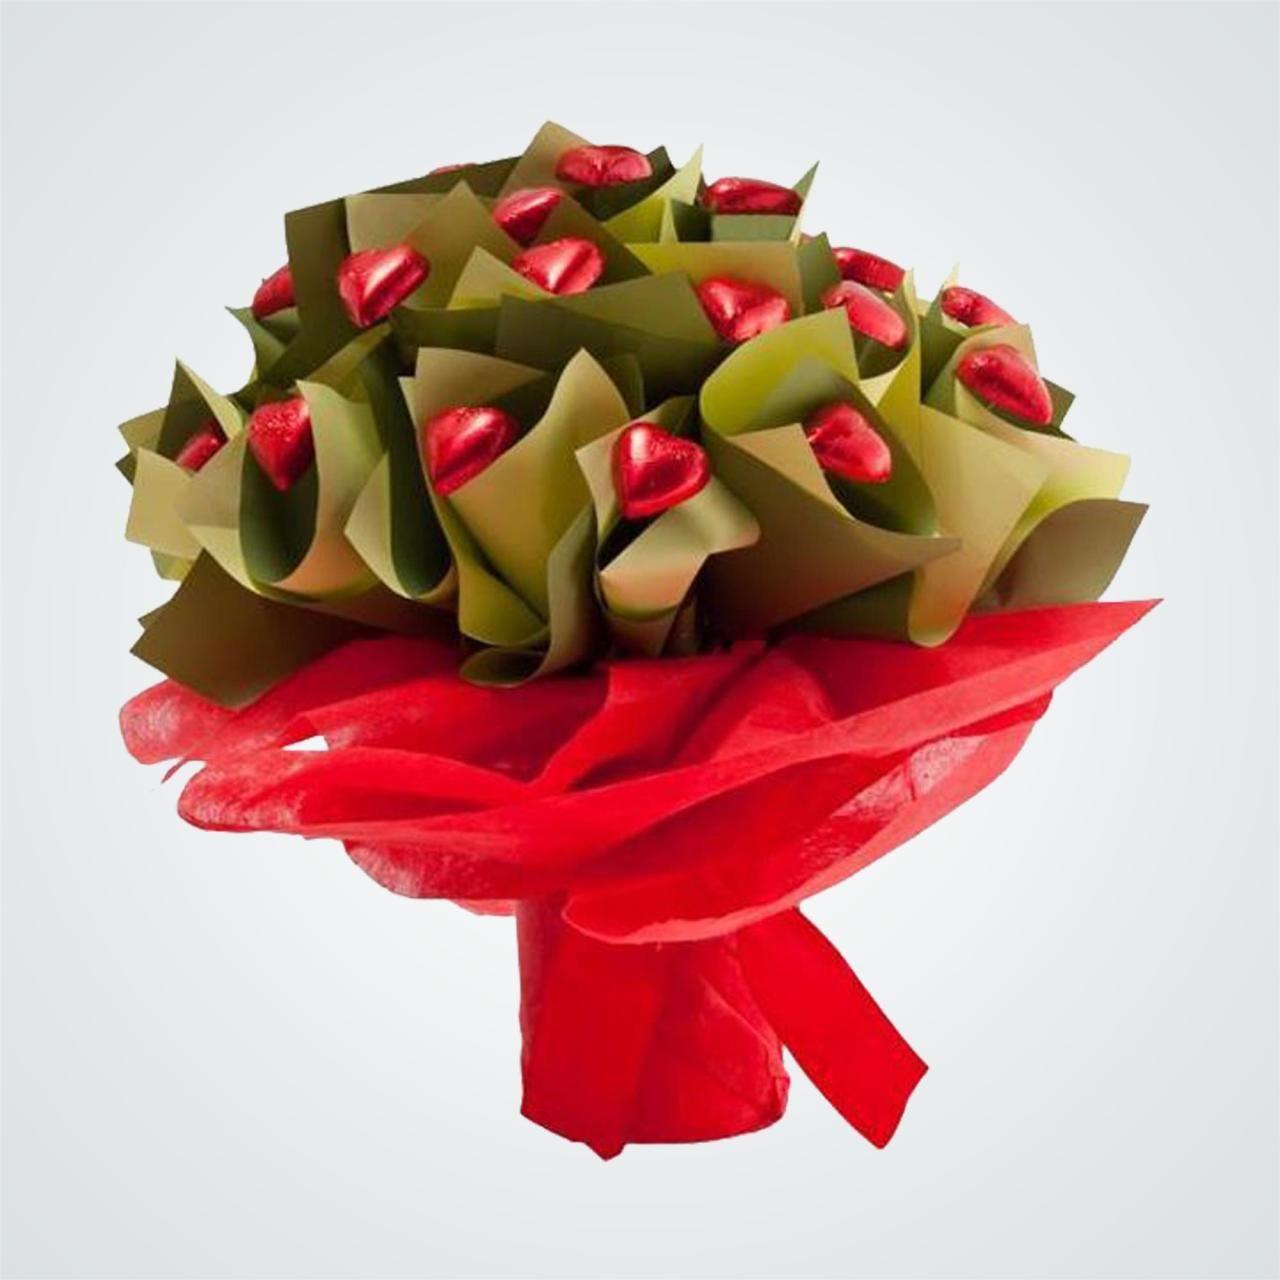 Kağıt çiçekler - enfes iç dekorasyon veya hediye olarak buket